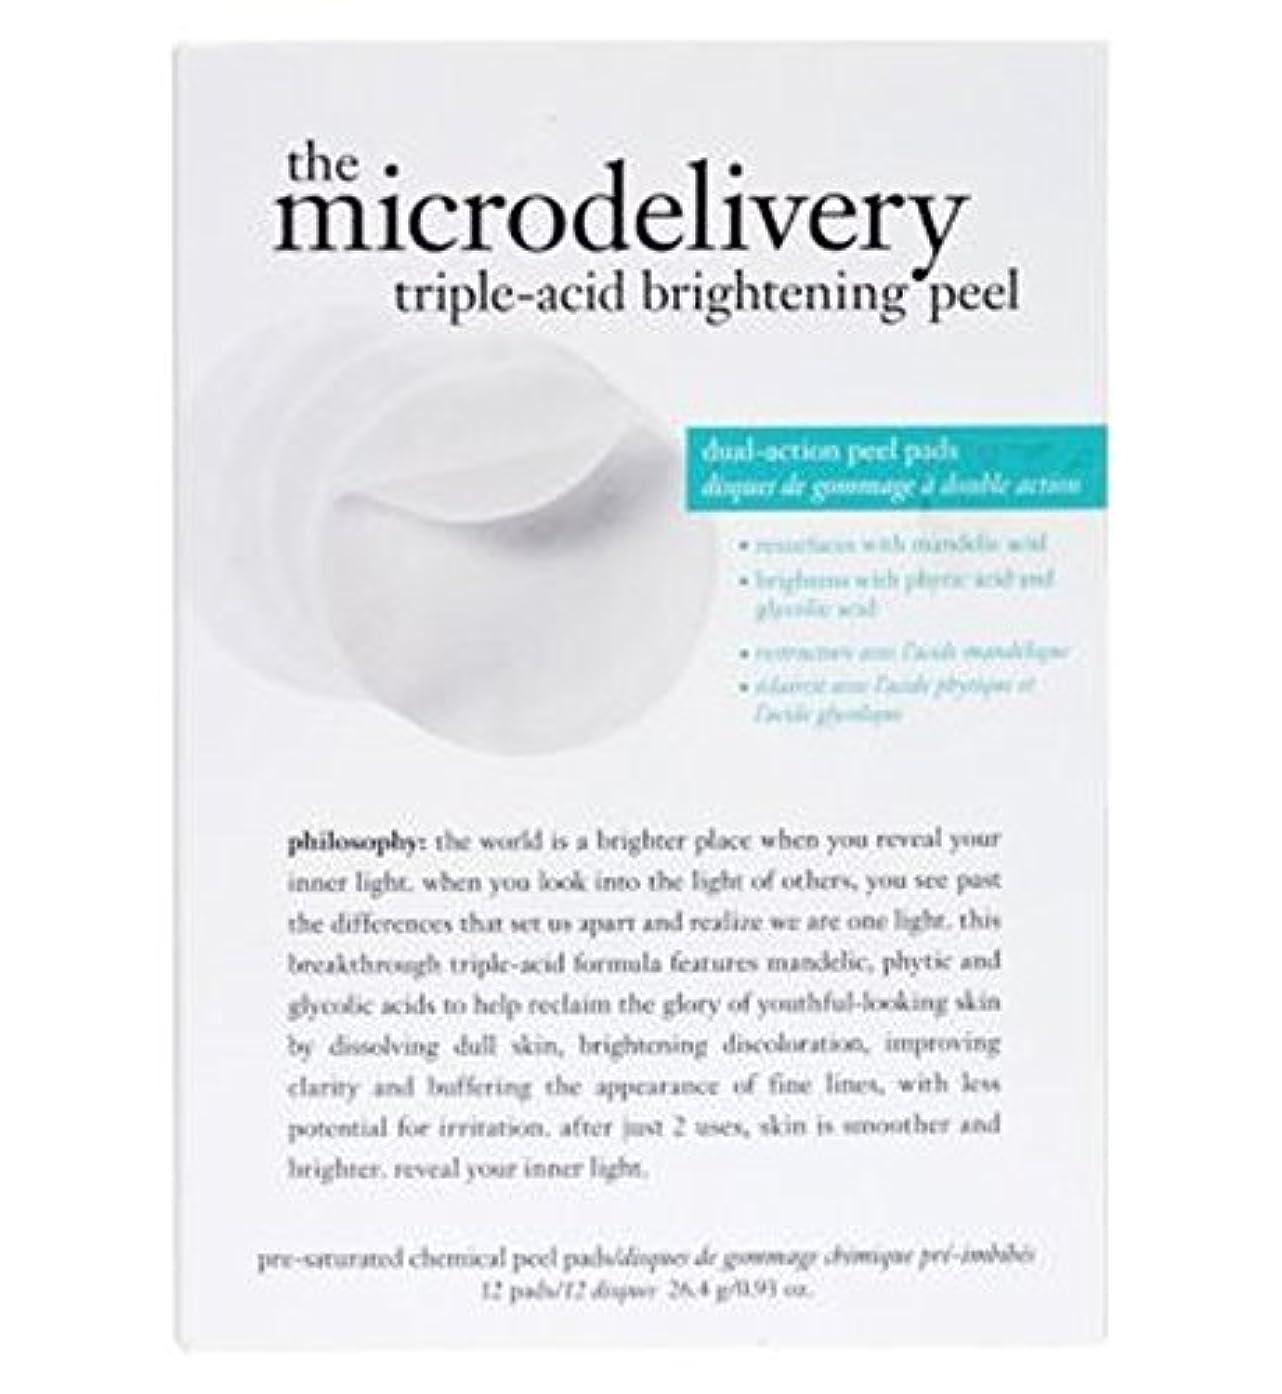 カバーセットアップ対応哲学ミクロ送達トリプル酸増白皮 (Philosophy) (x2) - philosophy the microdelivery triple-acid brightening peel (Pack of 2) [並行輸入品]